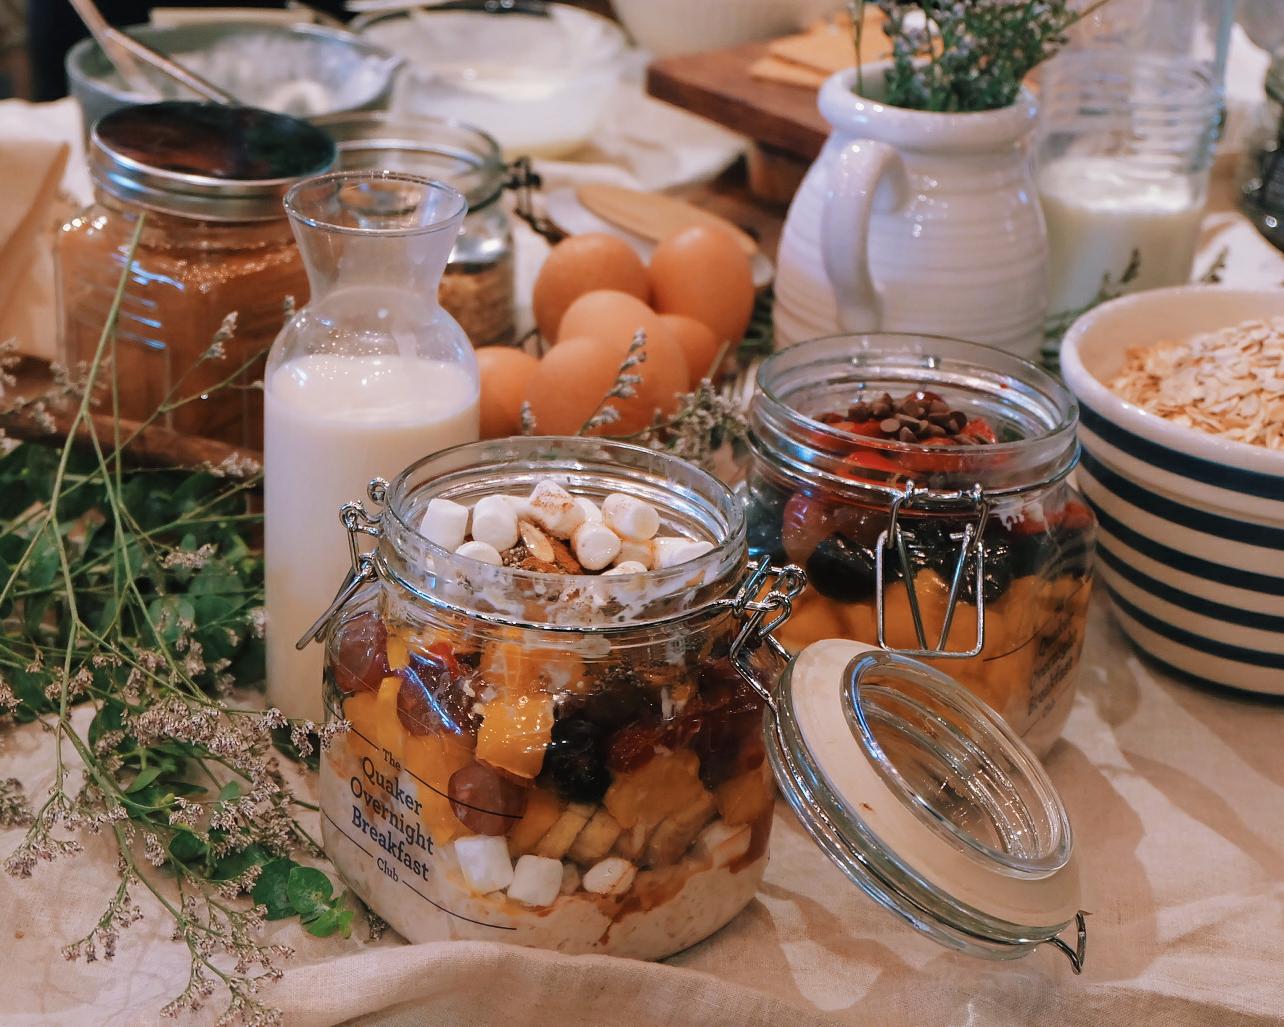 Quaker Oats Overnight Breakfast Club